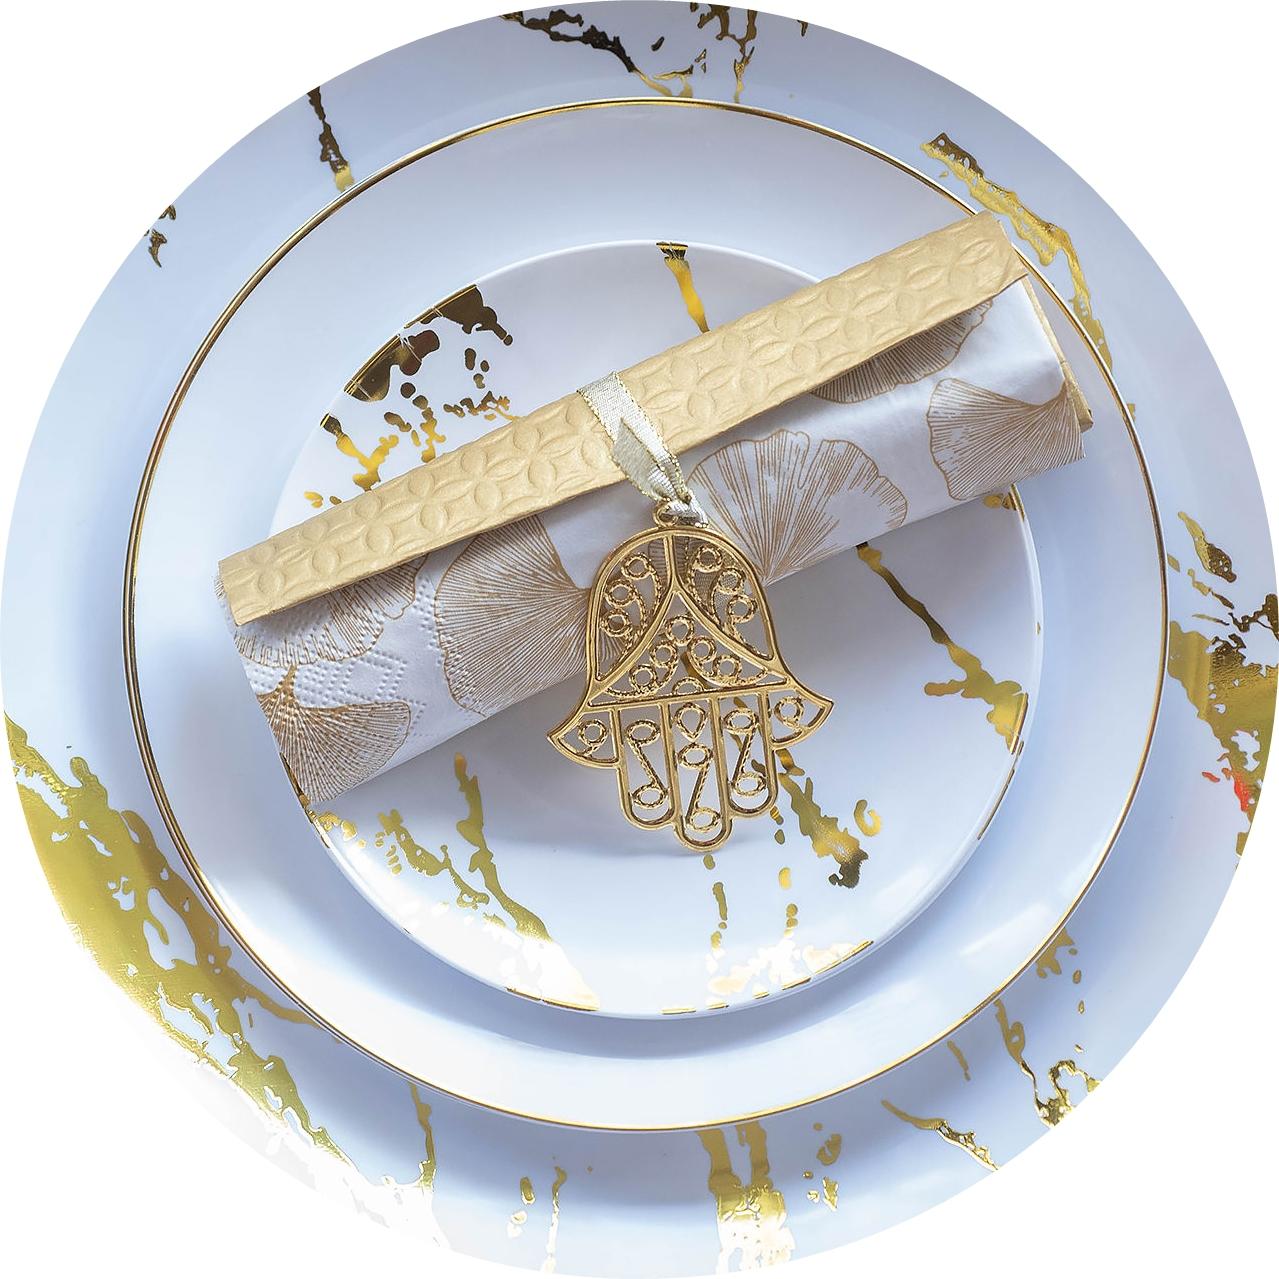 עיצוב שולחן חג זהב לבן לראש השנה